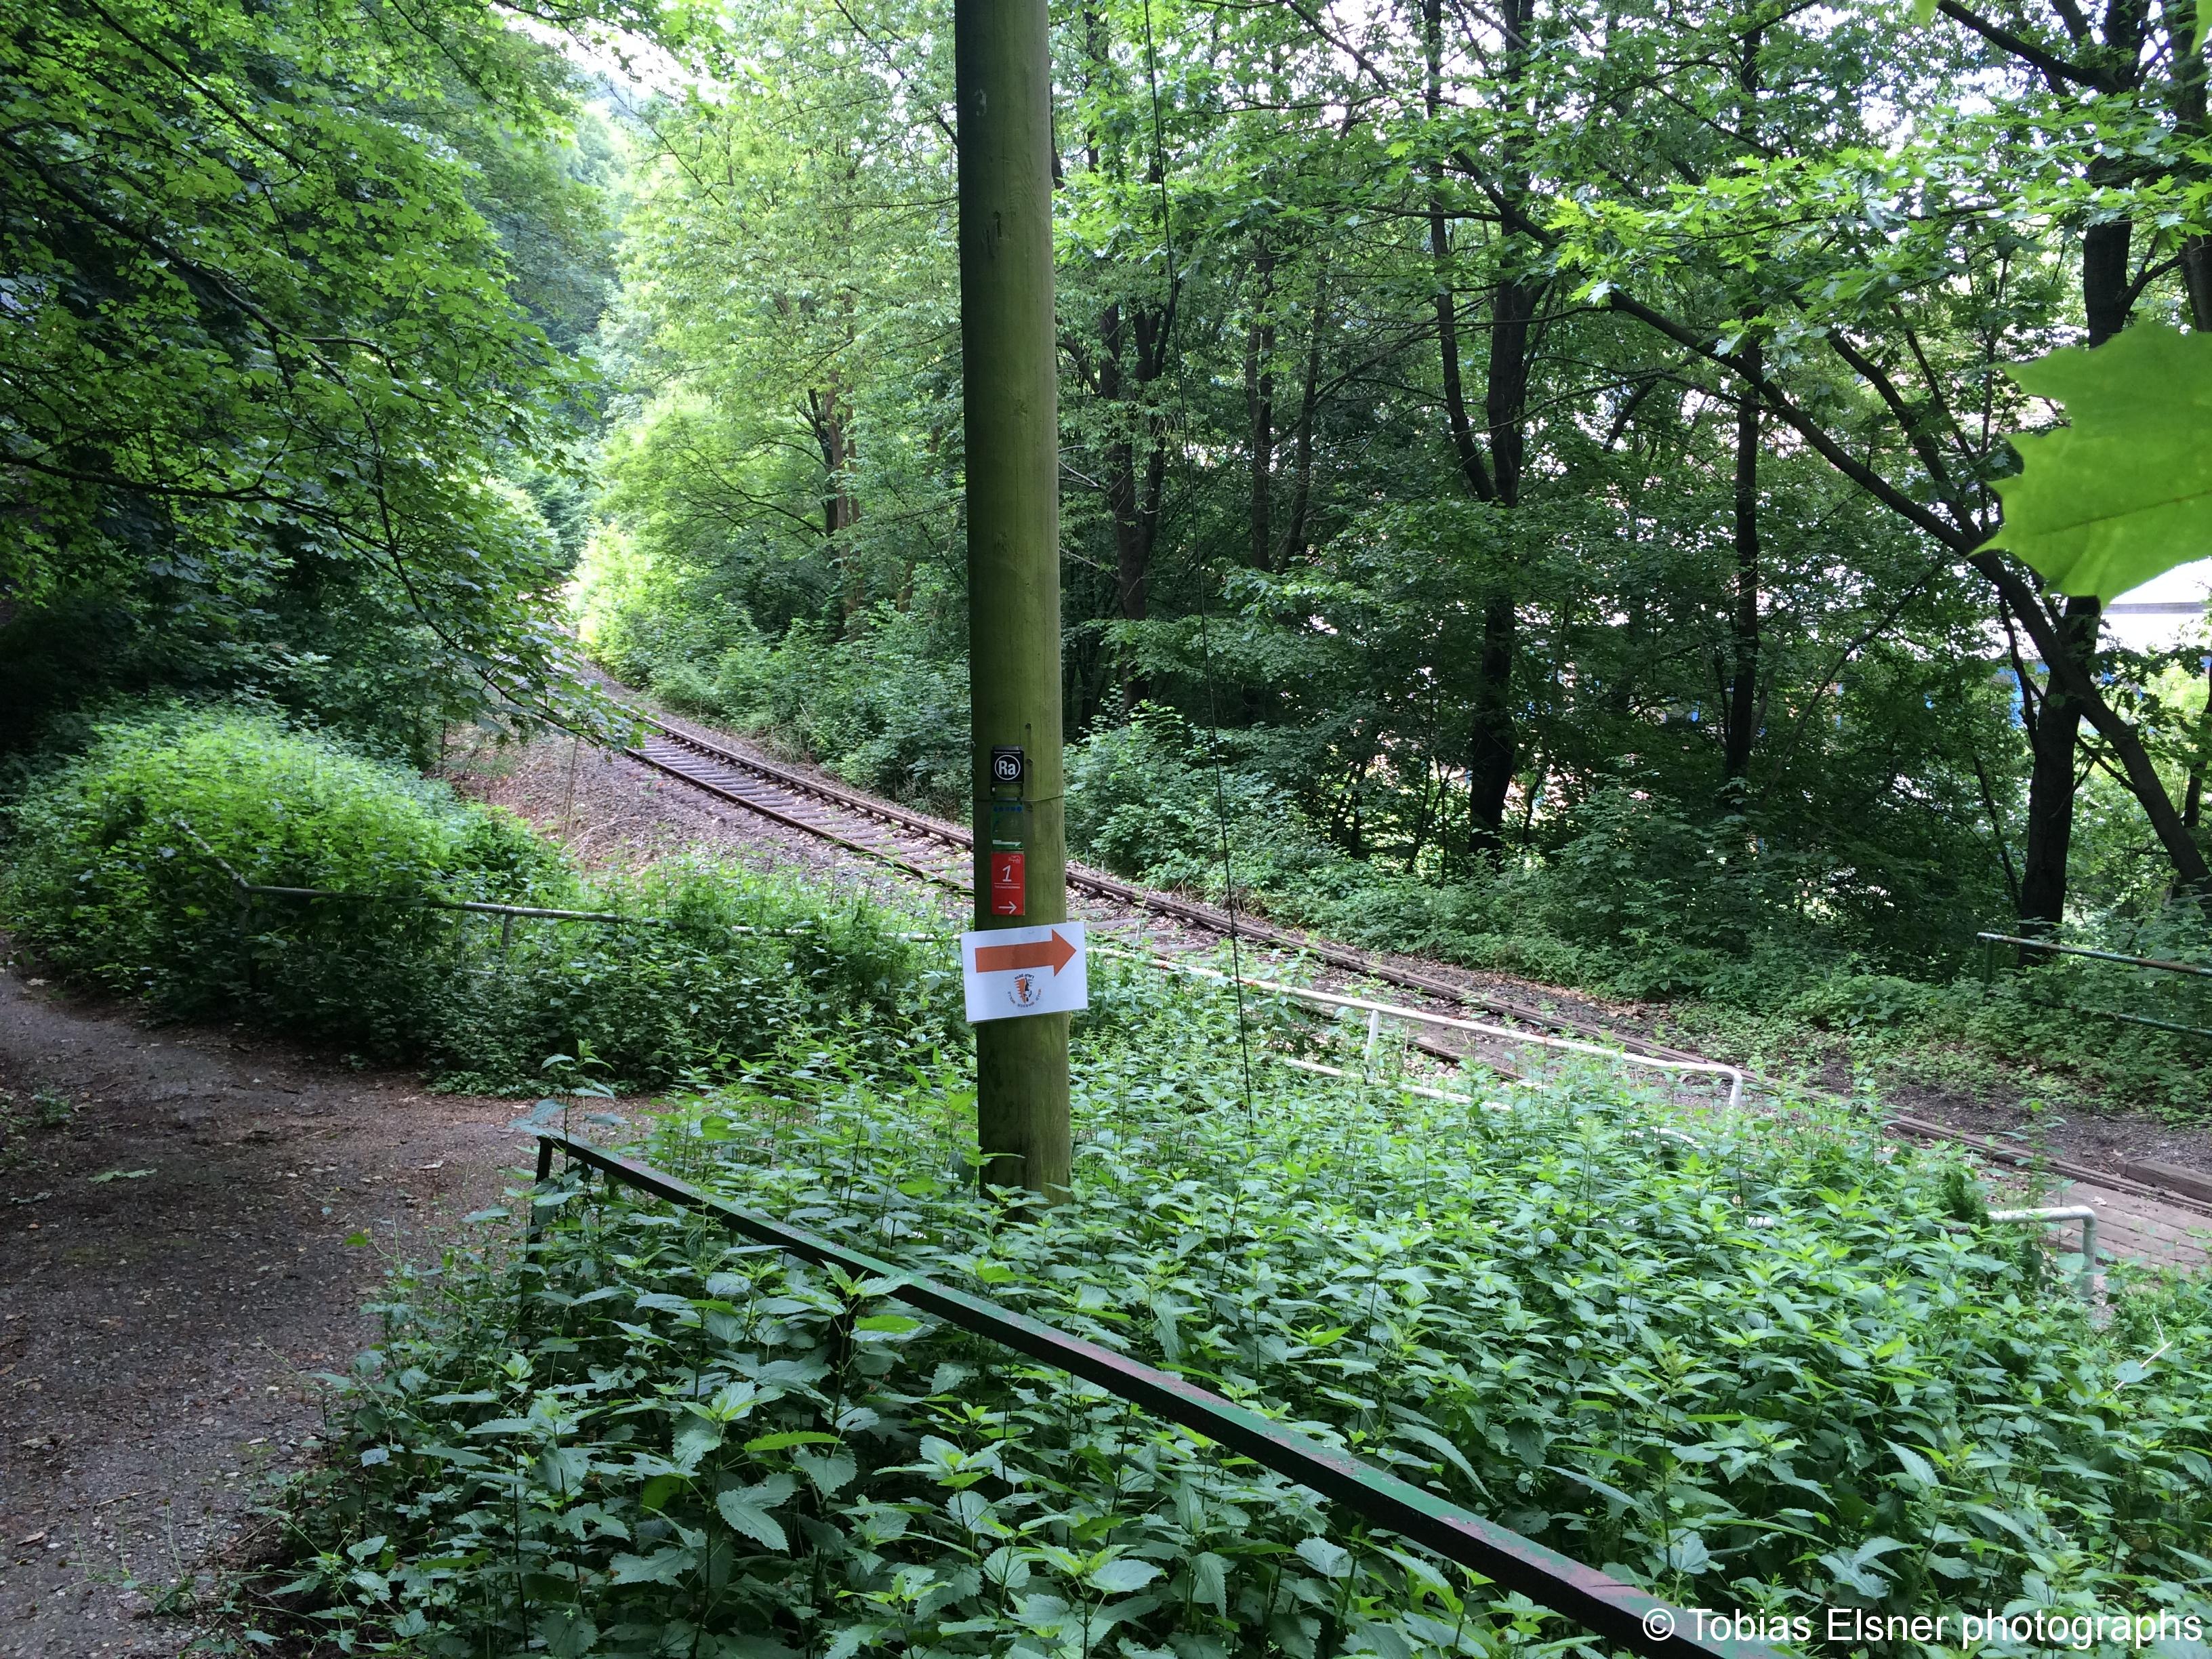 Wanderung Wald Wasser Wolle Weg Radevormwald 2014 Nr.48